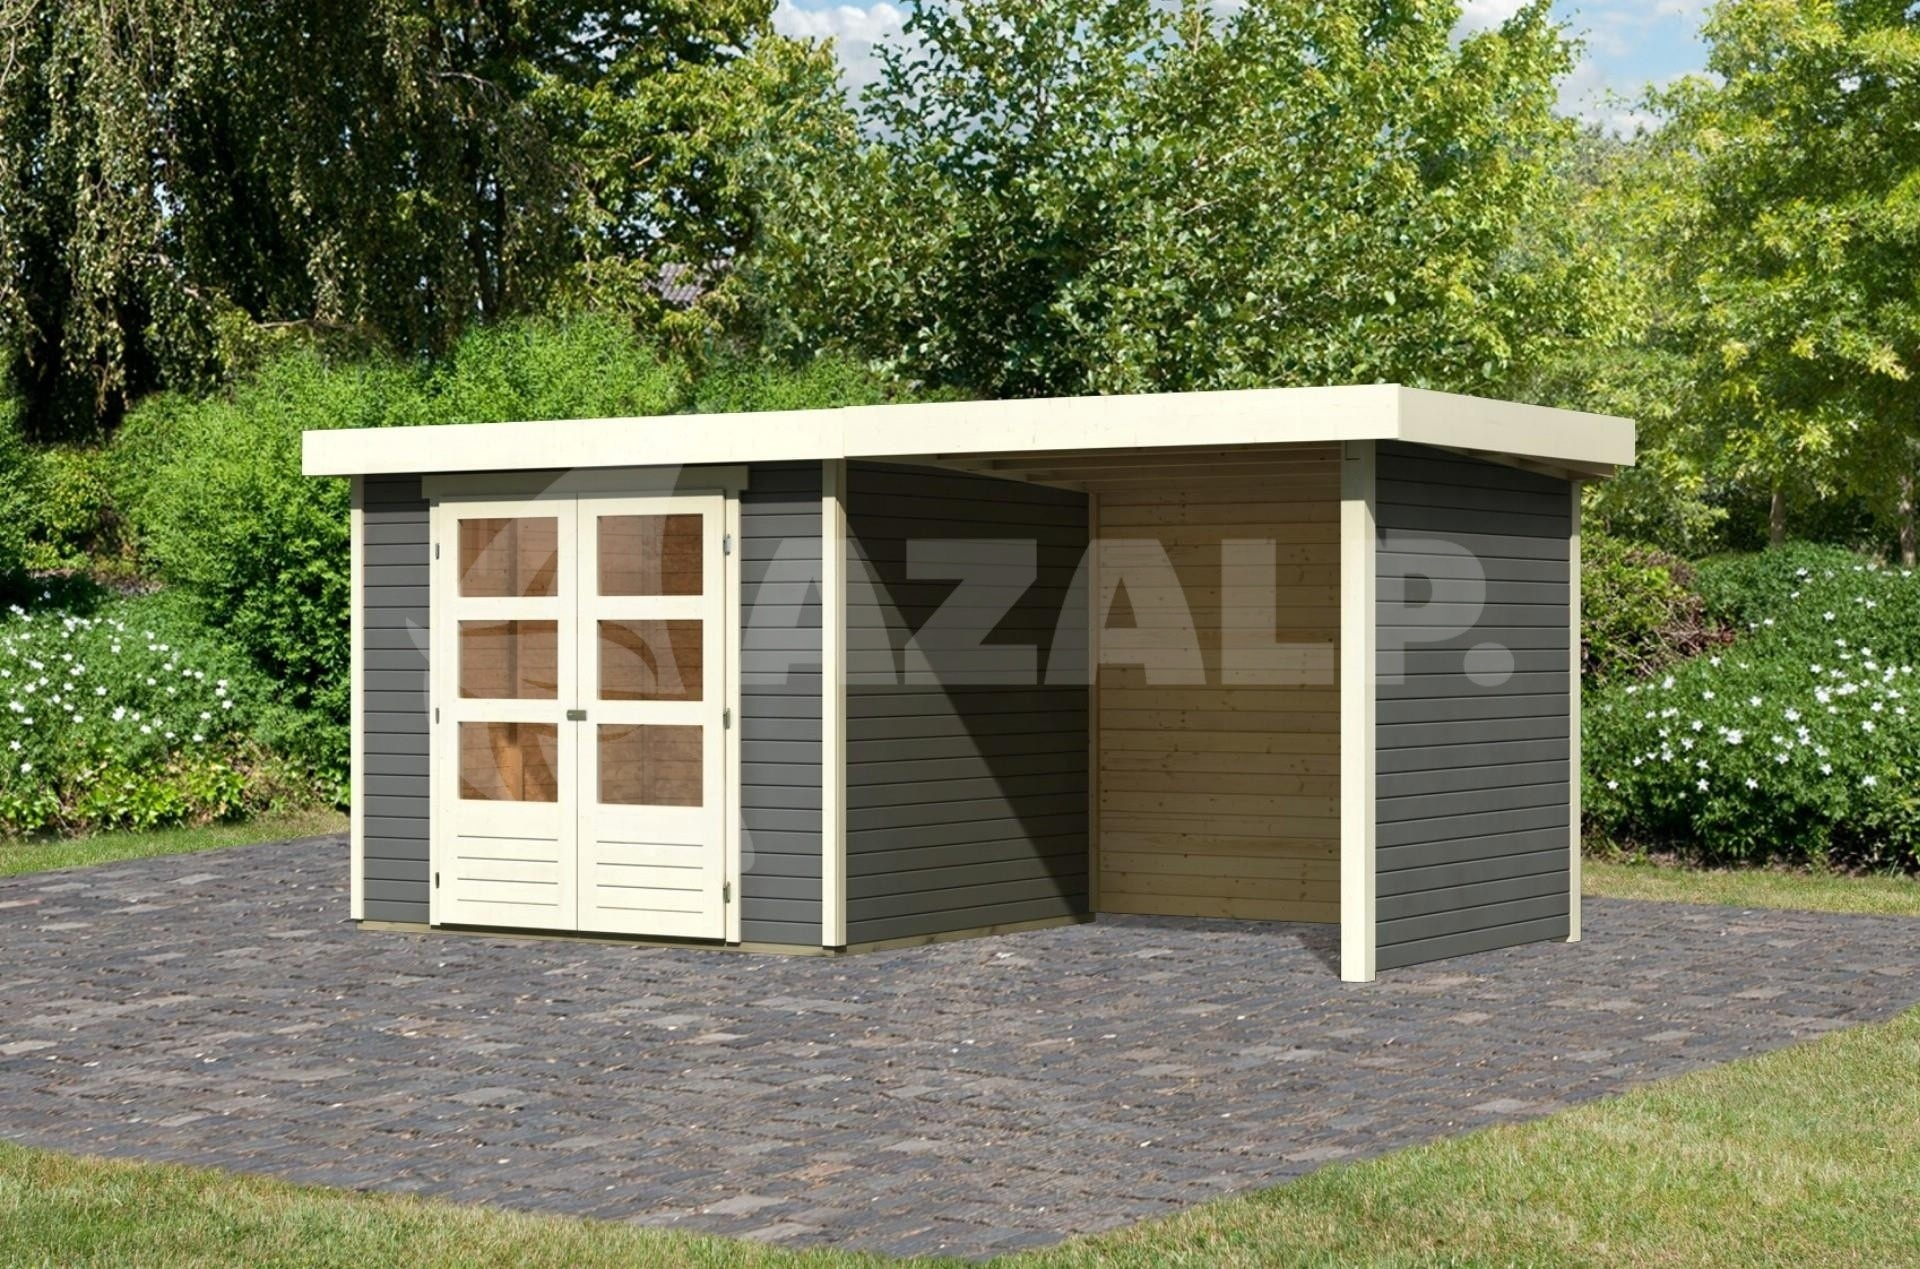 Garage Met Veranda : Woodfeeling askola met veranda terragrijs kopen bij azalp